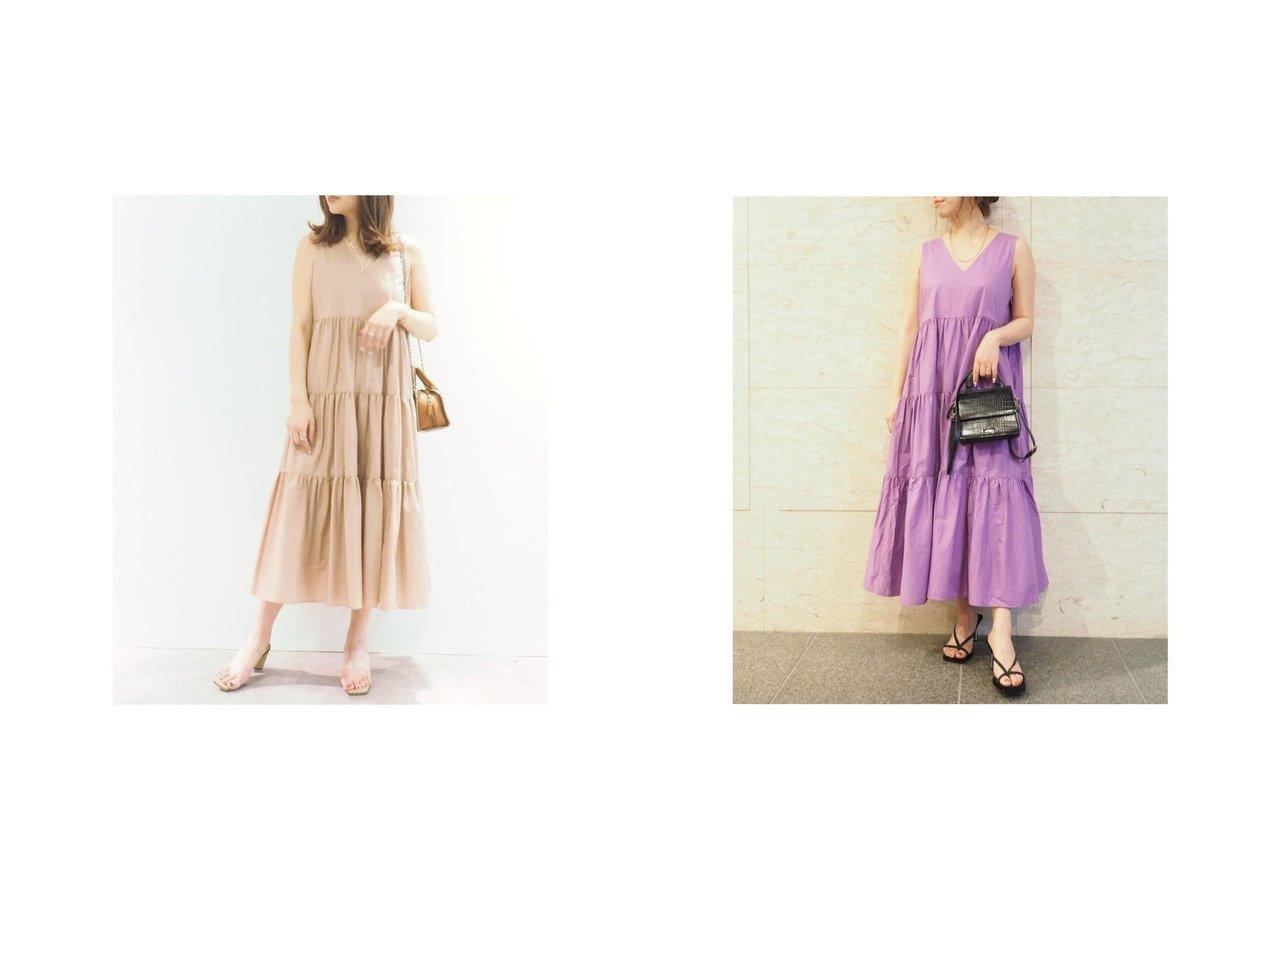 【EVRIS/エヴリス】のEVRIS ティアードマキシワンピース おすすめ!人気トレンド・レディースファッション通販 おすすめで人気の流行・トレンド、ファッションの通販商品 インテリア・家具・メンズファッション・キッズファッション・レディースファッション・服の通販 founy(ファニー) https://founy.com/ ファッション Fashion レディースファッション WOMEN ワンピース Dress マキシワンピース Maxi Dress 2021年 2021 2021春夏・S/S SS/Spring/Summer/2021 S/S・春夏 SS・Spring/Summer サマー シンプル リラックス 人気 夏 Summer 春 Spring  ID:crp329100000053076